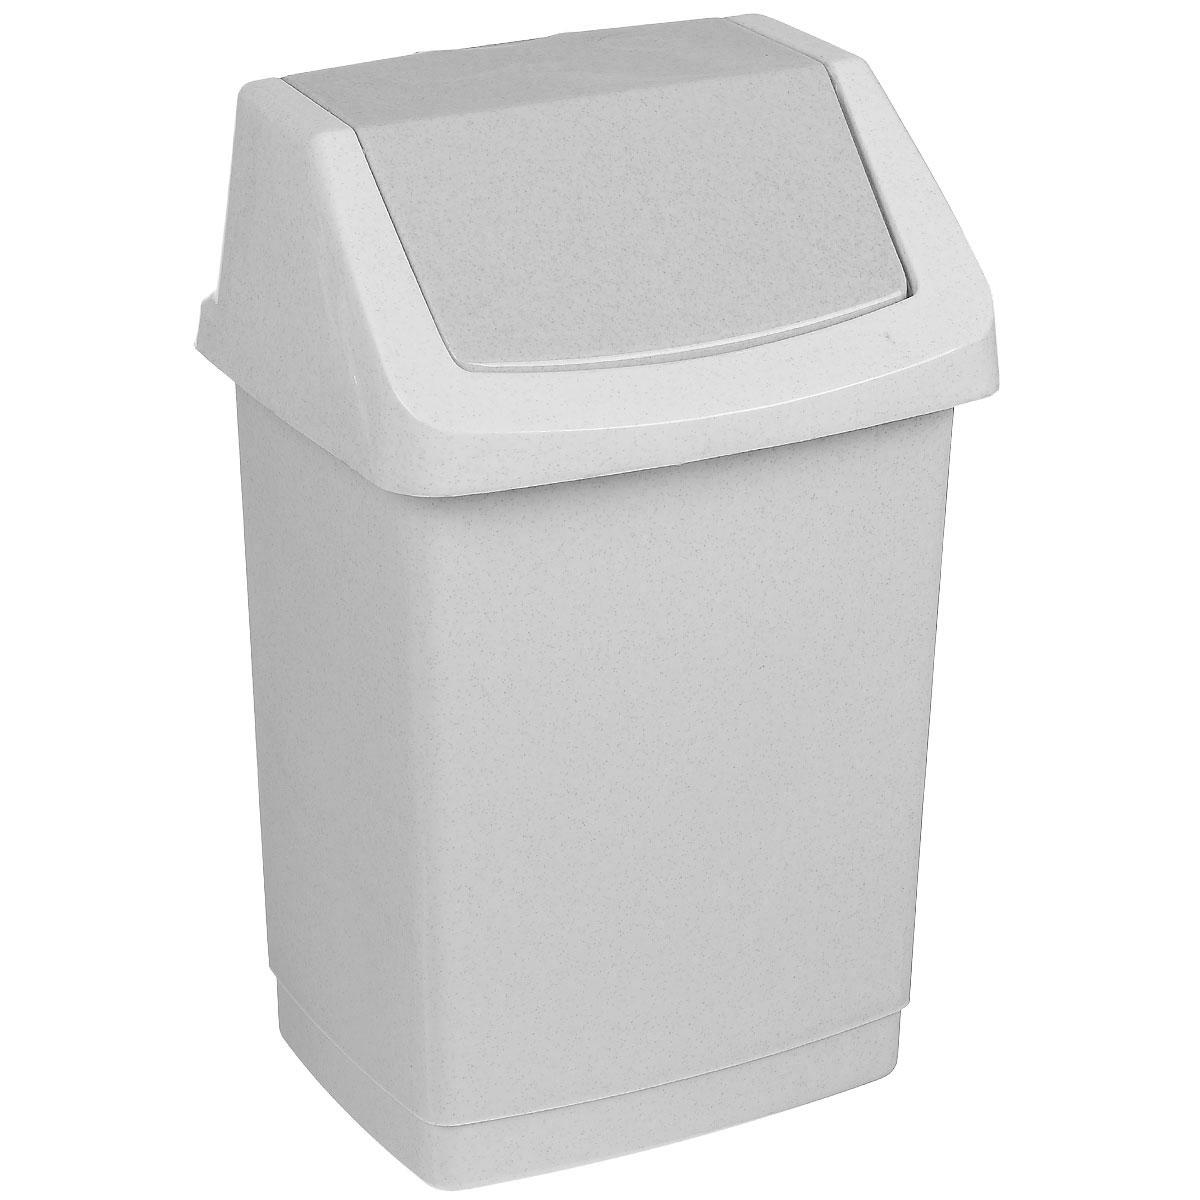 """Контейнер для мусора Curver """"Клик-ит"""" изготовлен из прочного пластика. Контейнер снабжен удобной съемной крышкой с подвижной перегородкой. В нем удобно хранить мелкий мусор. Благодаря лаконичному дизайну такой контейнер идеально впишется в интерьер и дома, и офиса."""